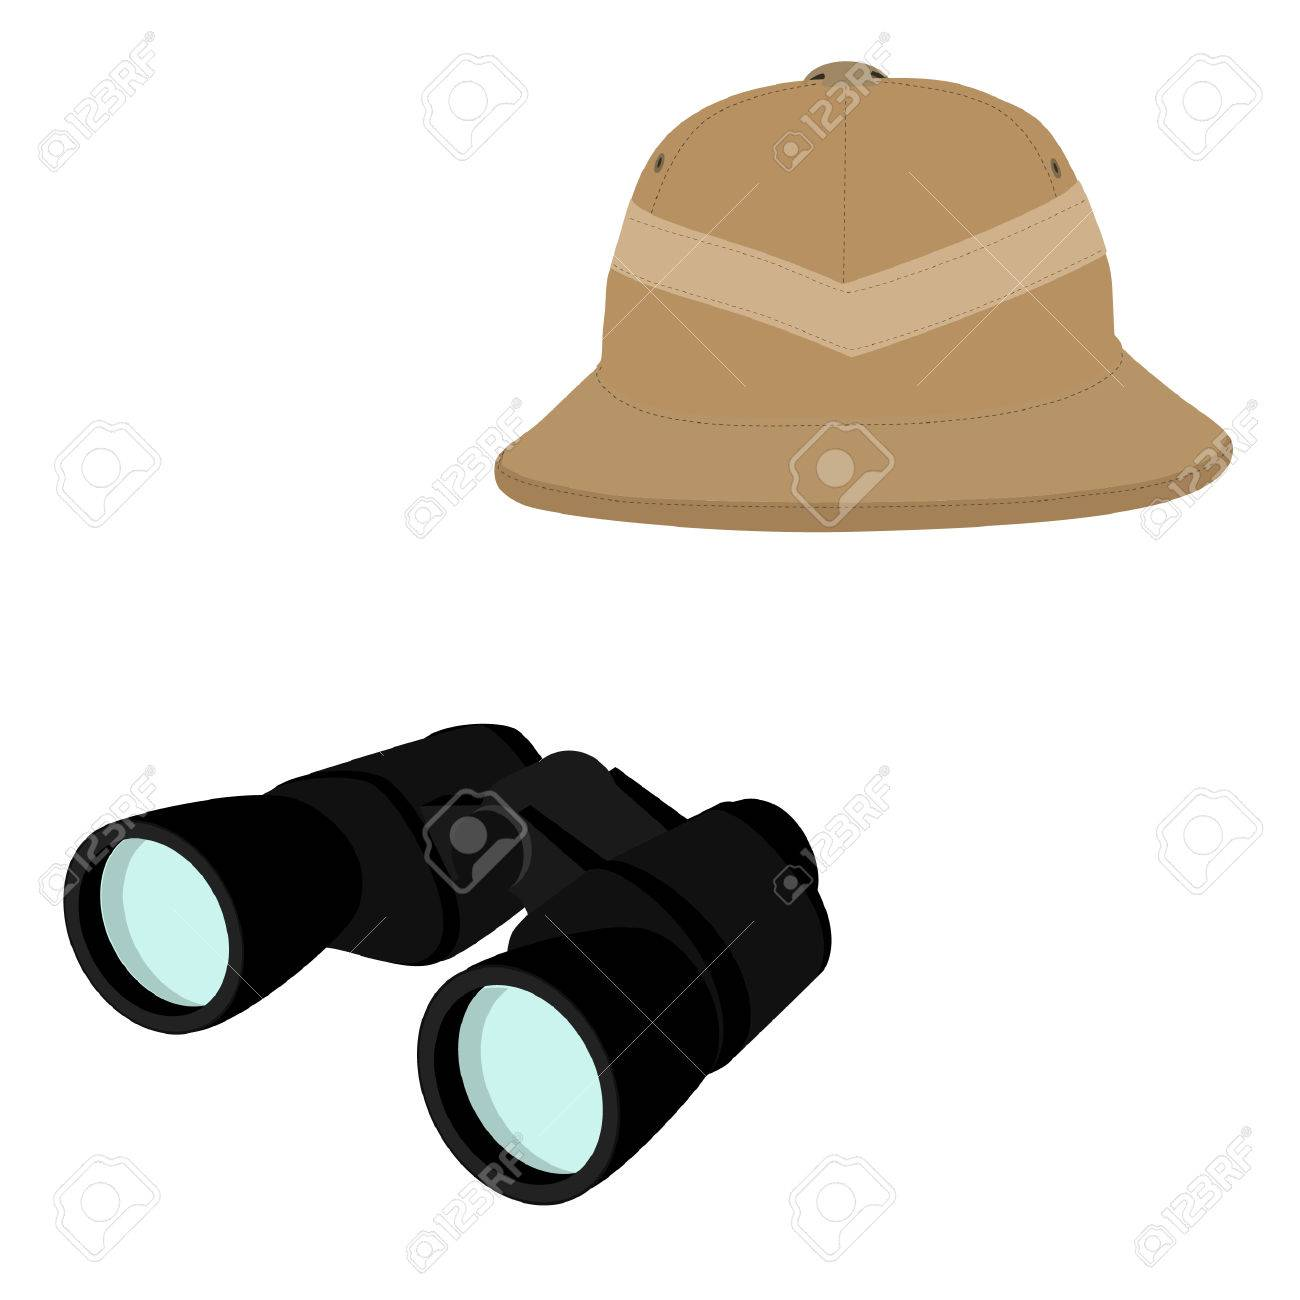 últimas tendencias de 2019 gama exclusiva pulcro Ilustración vectorial de sombrero de safari y binoculares negros. Concepto  de Safari. Viajando iconos médula casco y binoculares